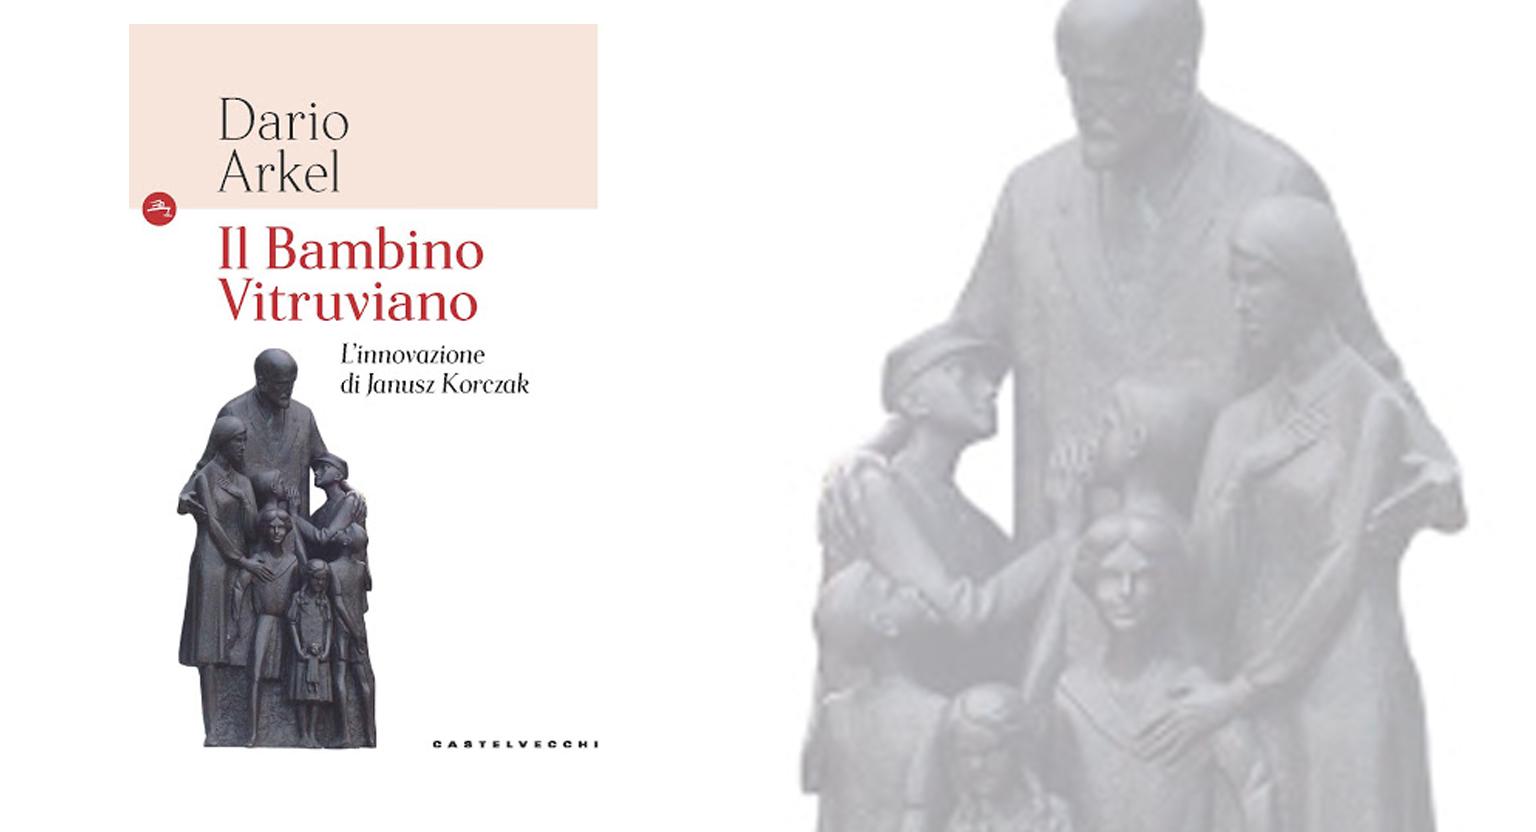 """""""IL BAMBINO VITRUVIANO L'INNOVAZIONE DI JANUSZ KORCZAK """" Dario Arkel*"""